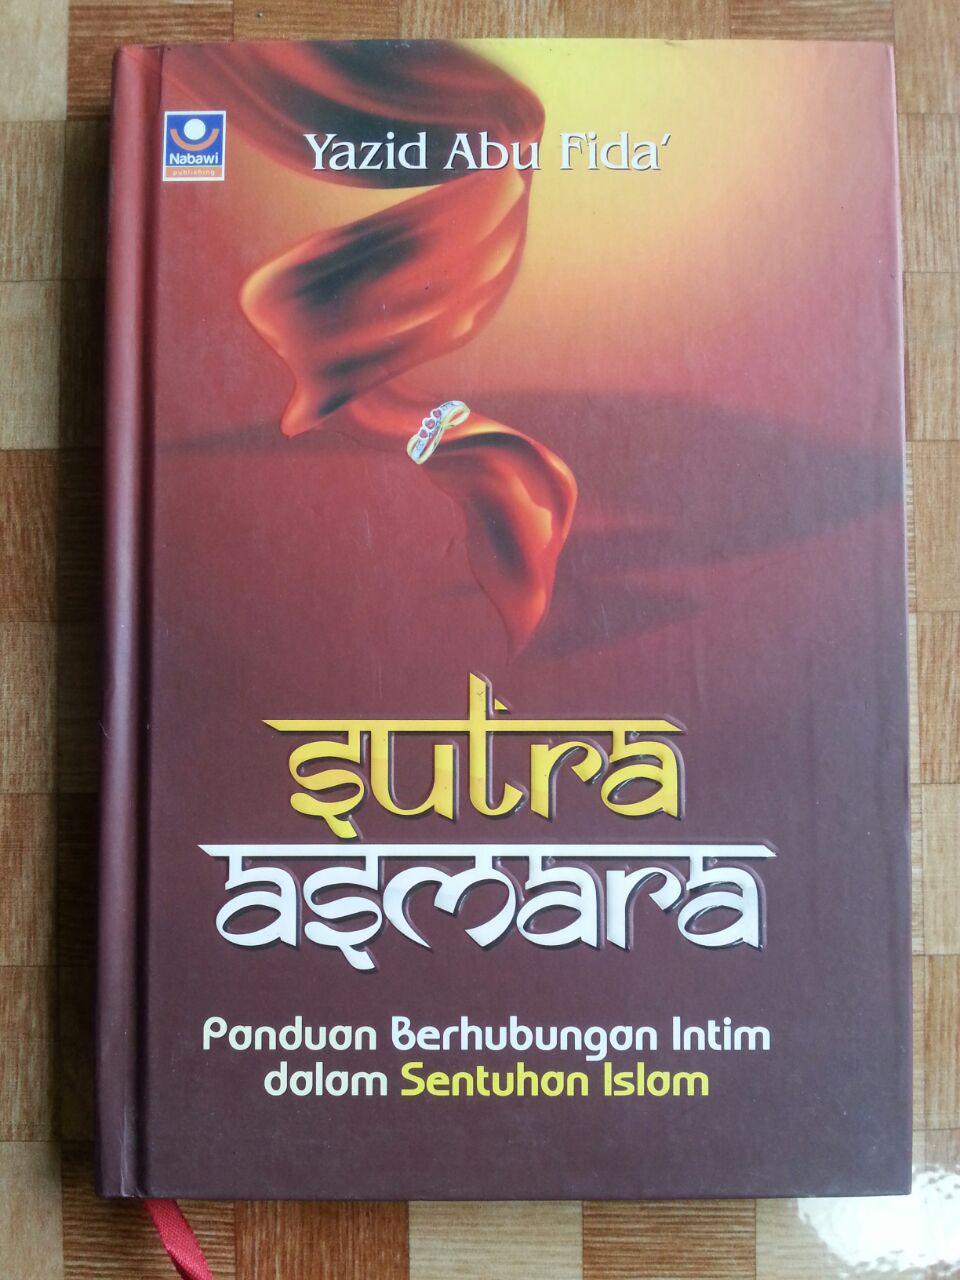 Buku Sutra Asmara cover 2